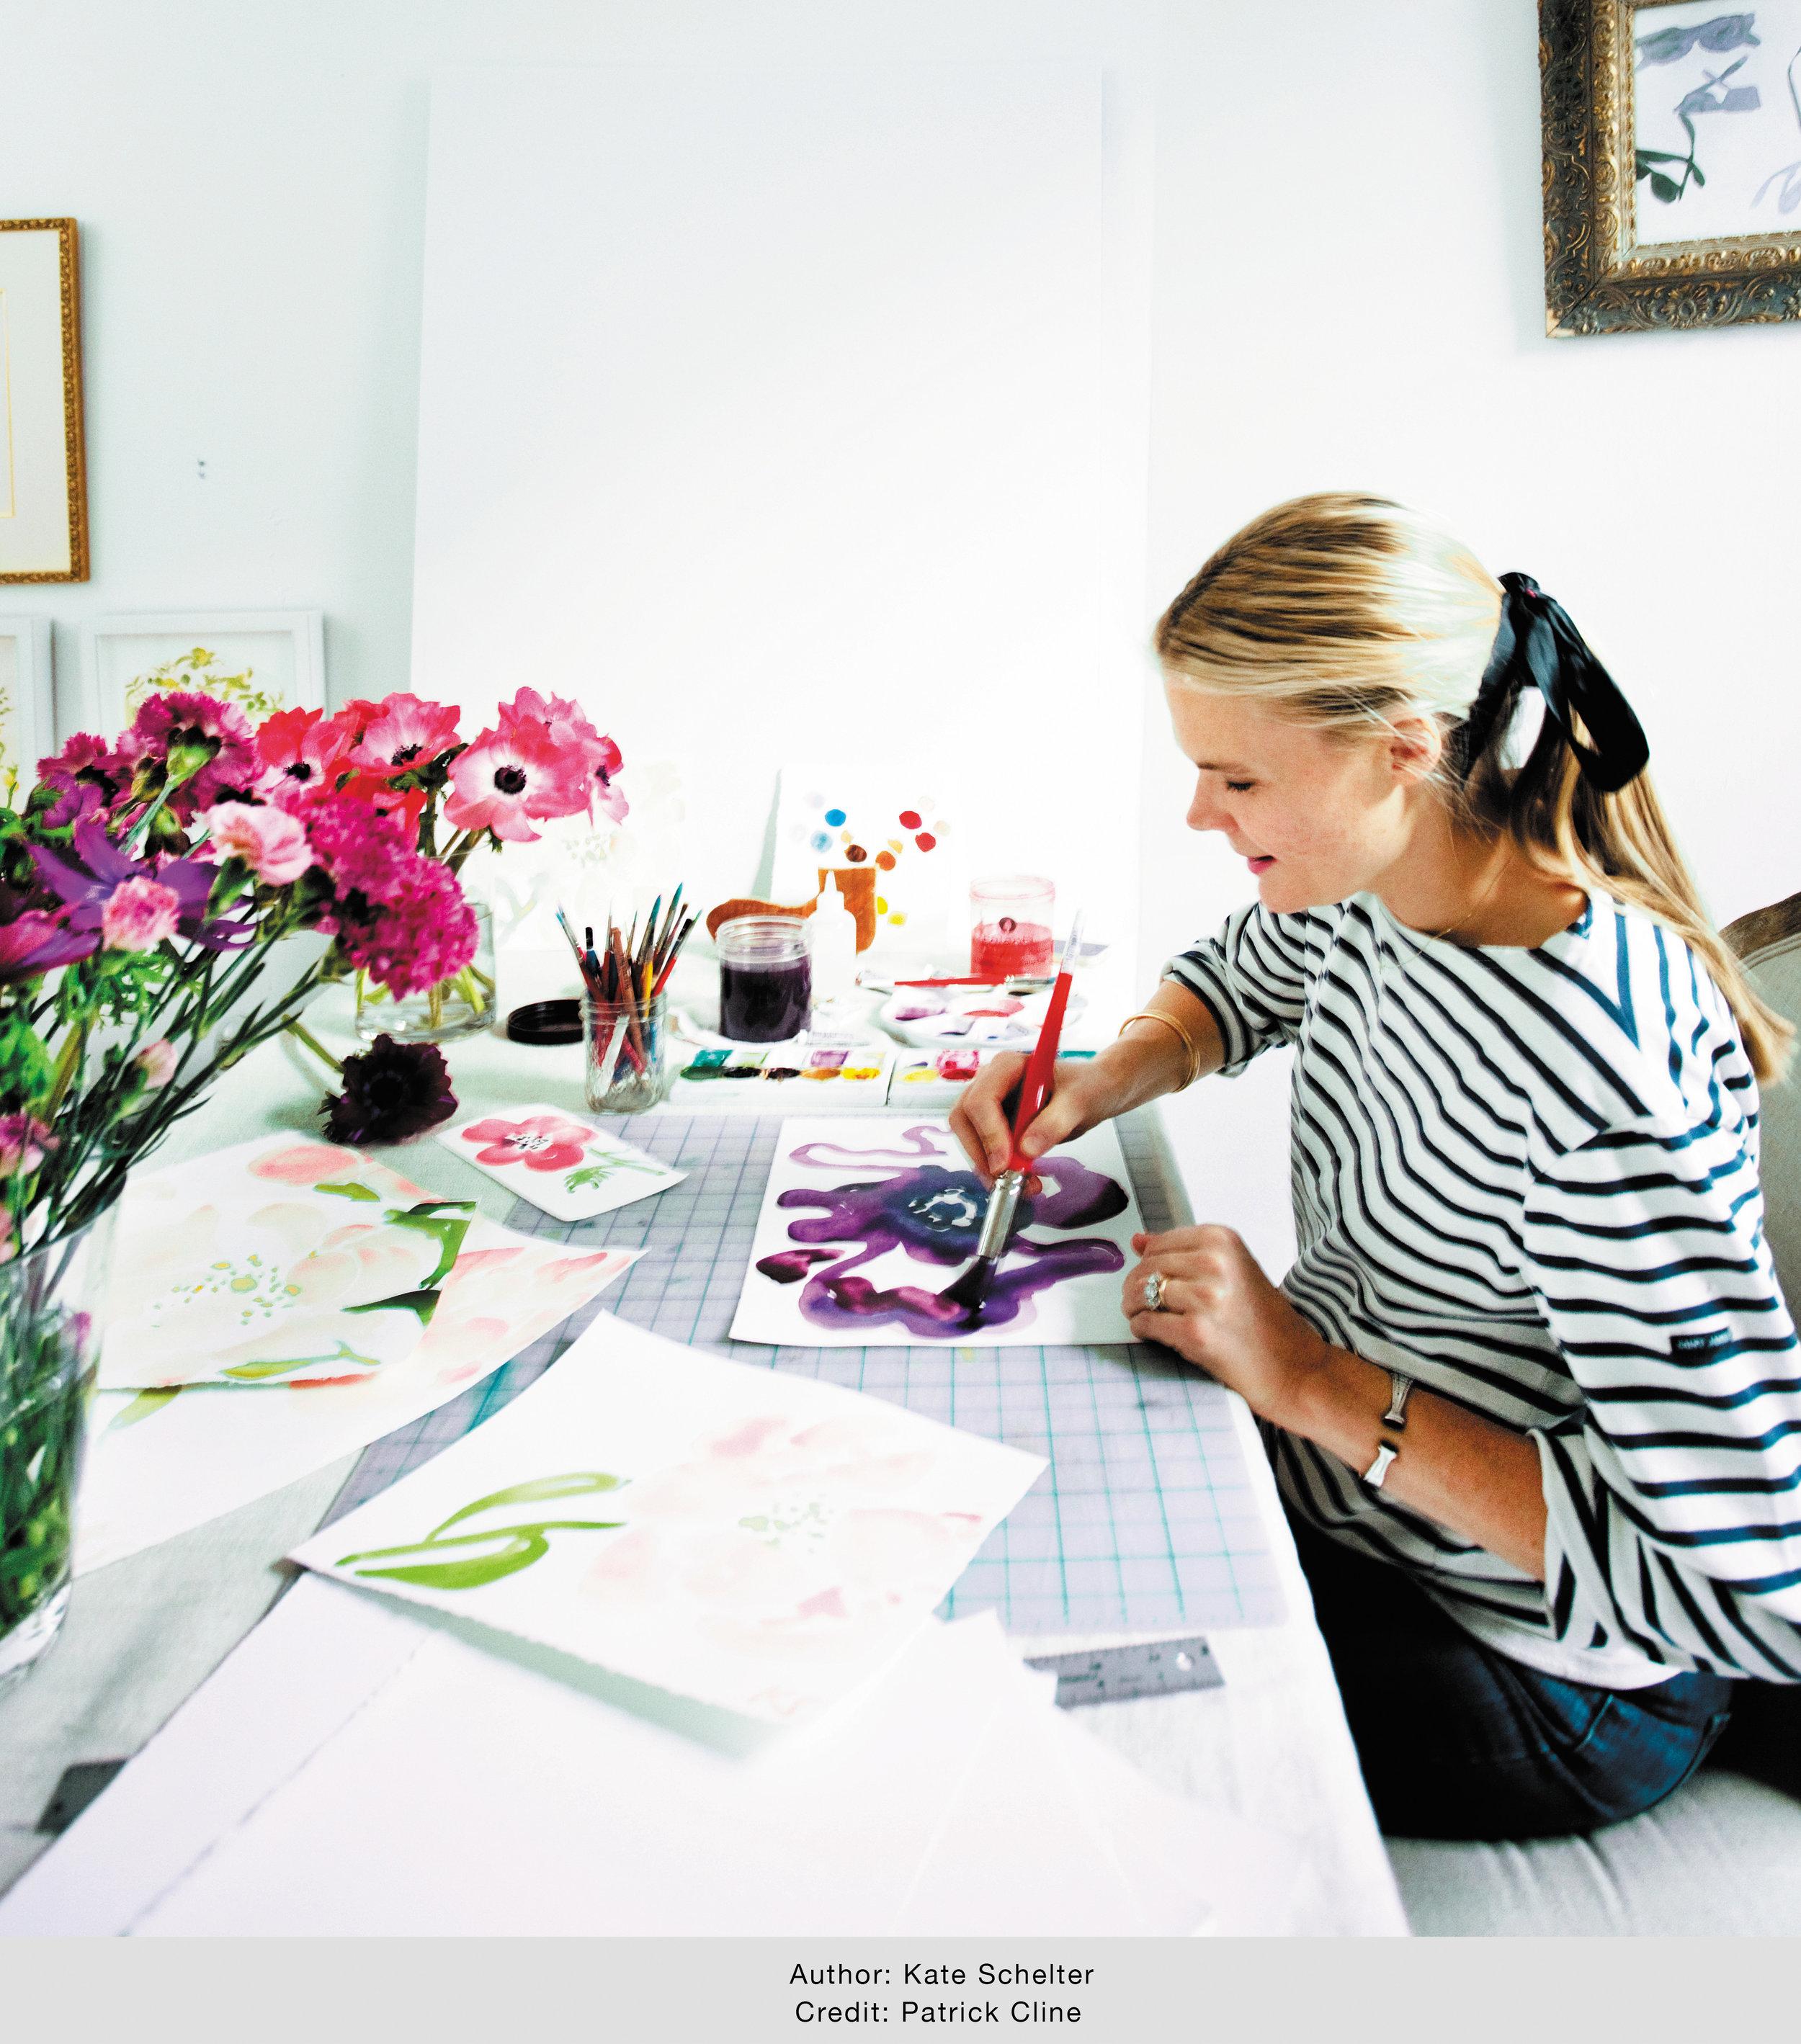 Kate Schelter, Illustrator